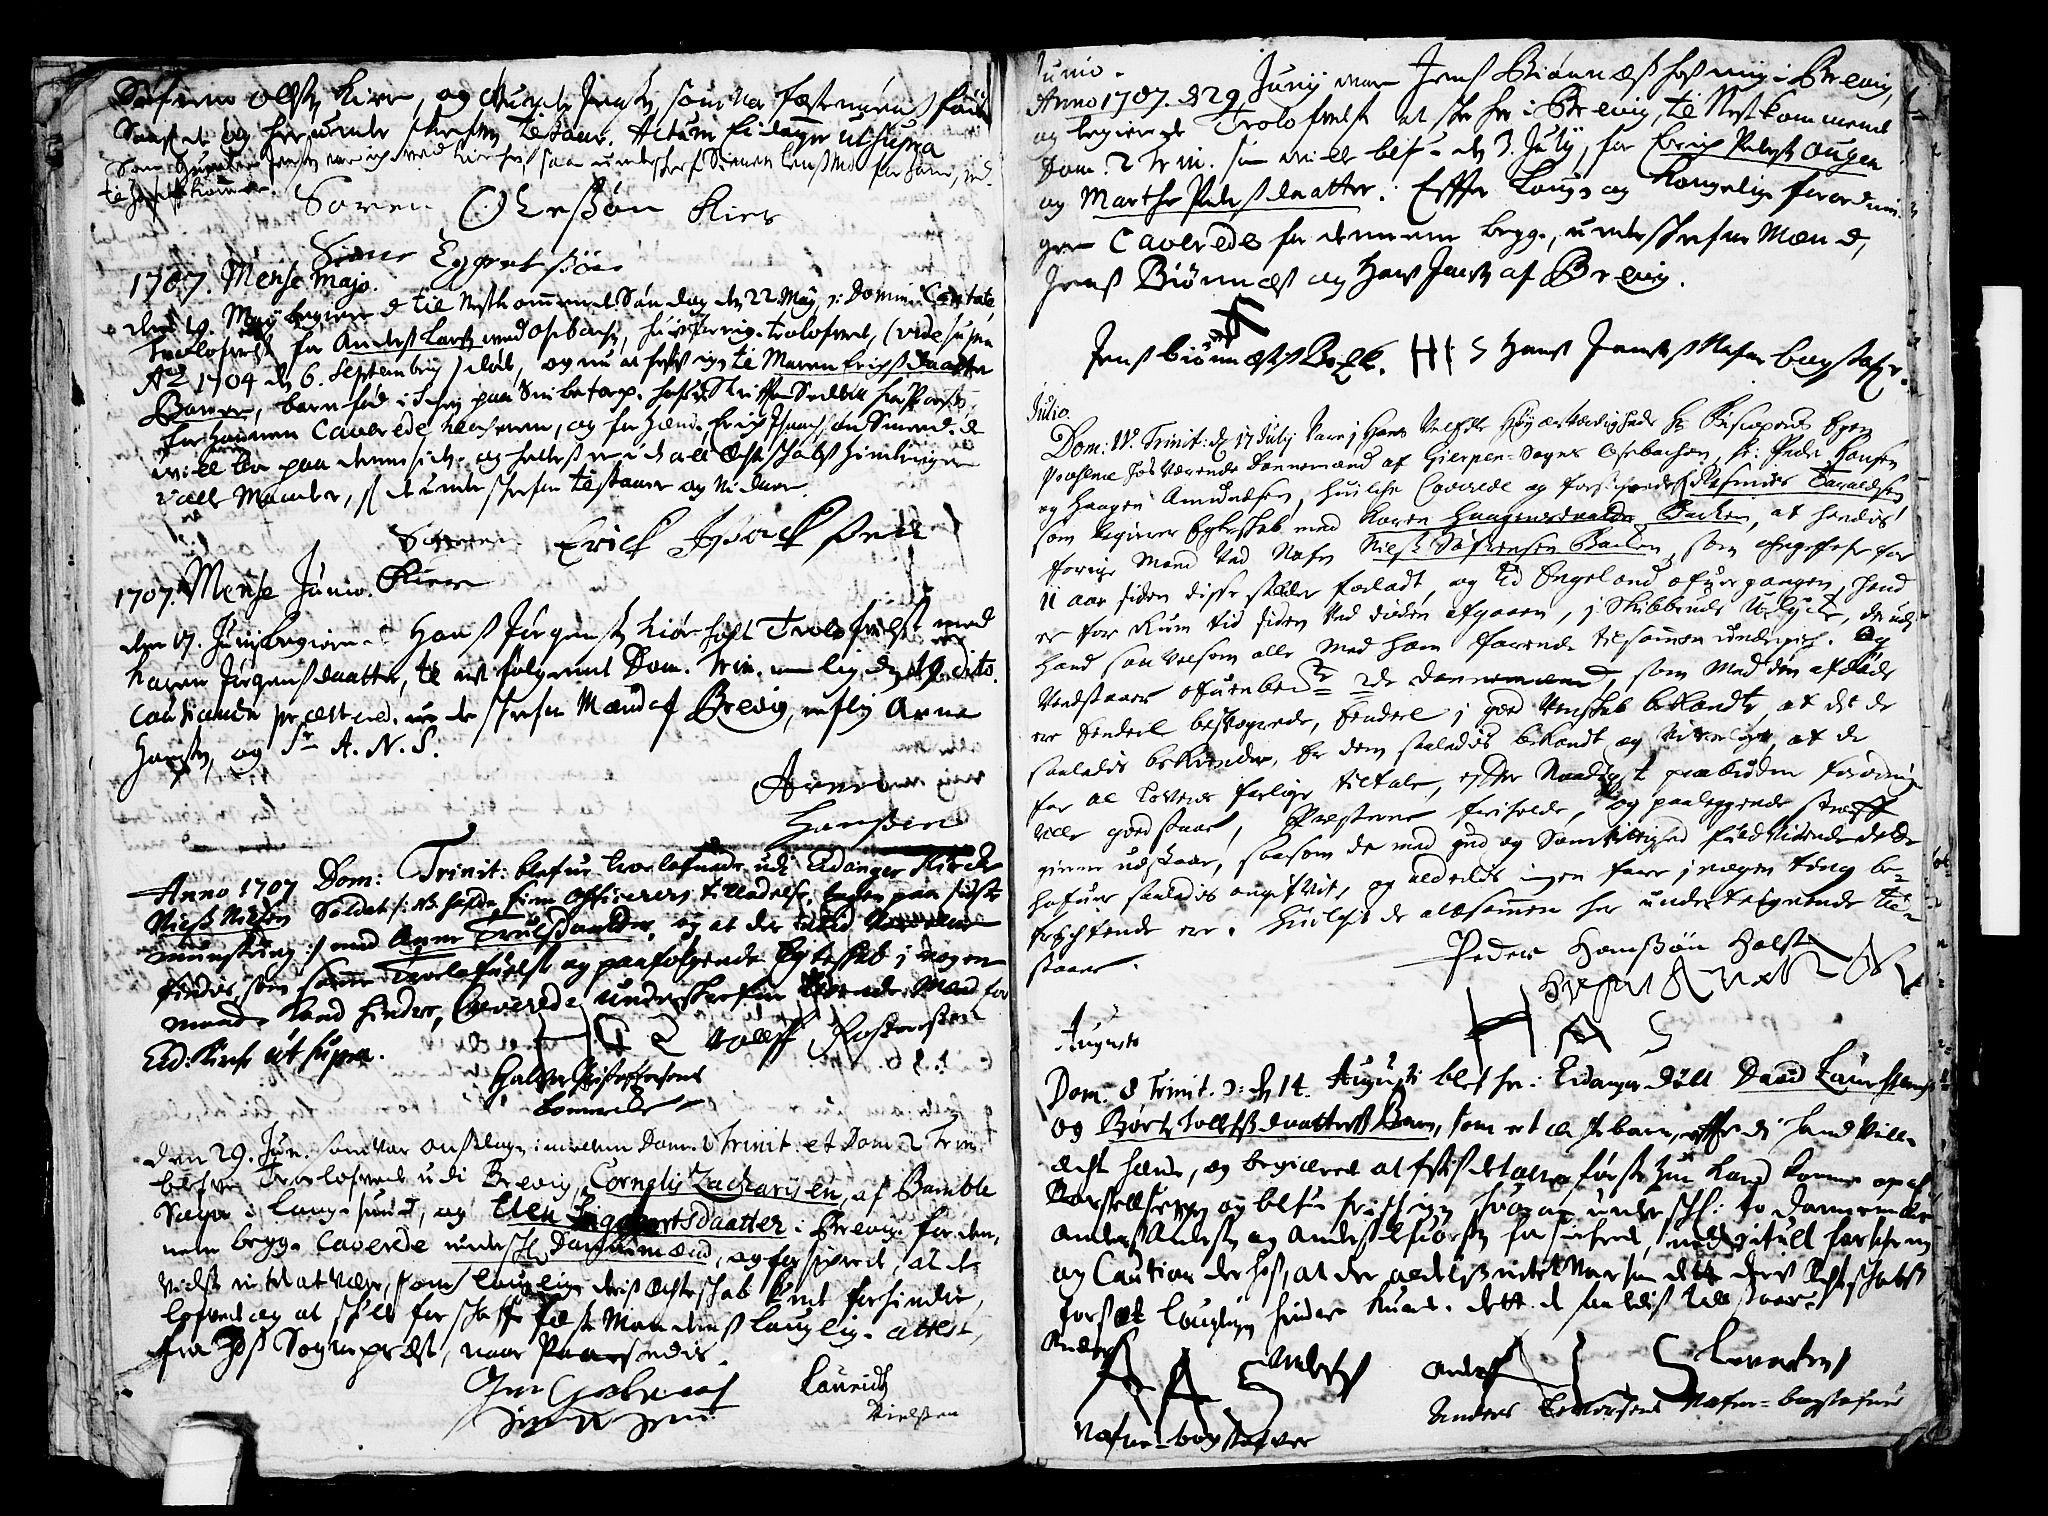 SAKO, Eidanger kirkebøker, F/Fa/L0001: Ministerialbok nr. 1, 1695-1717, s. 26